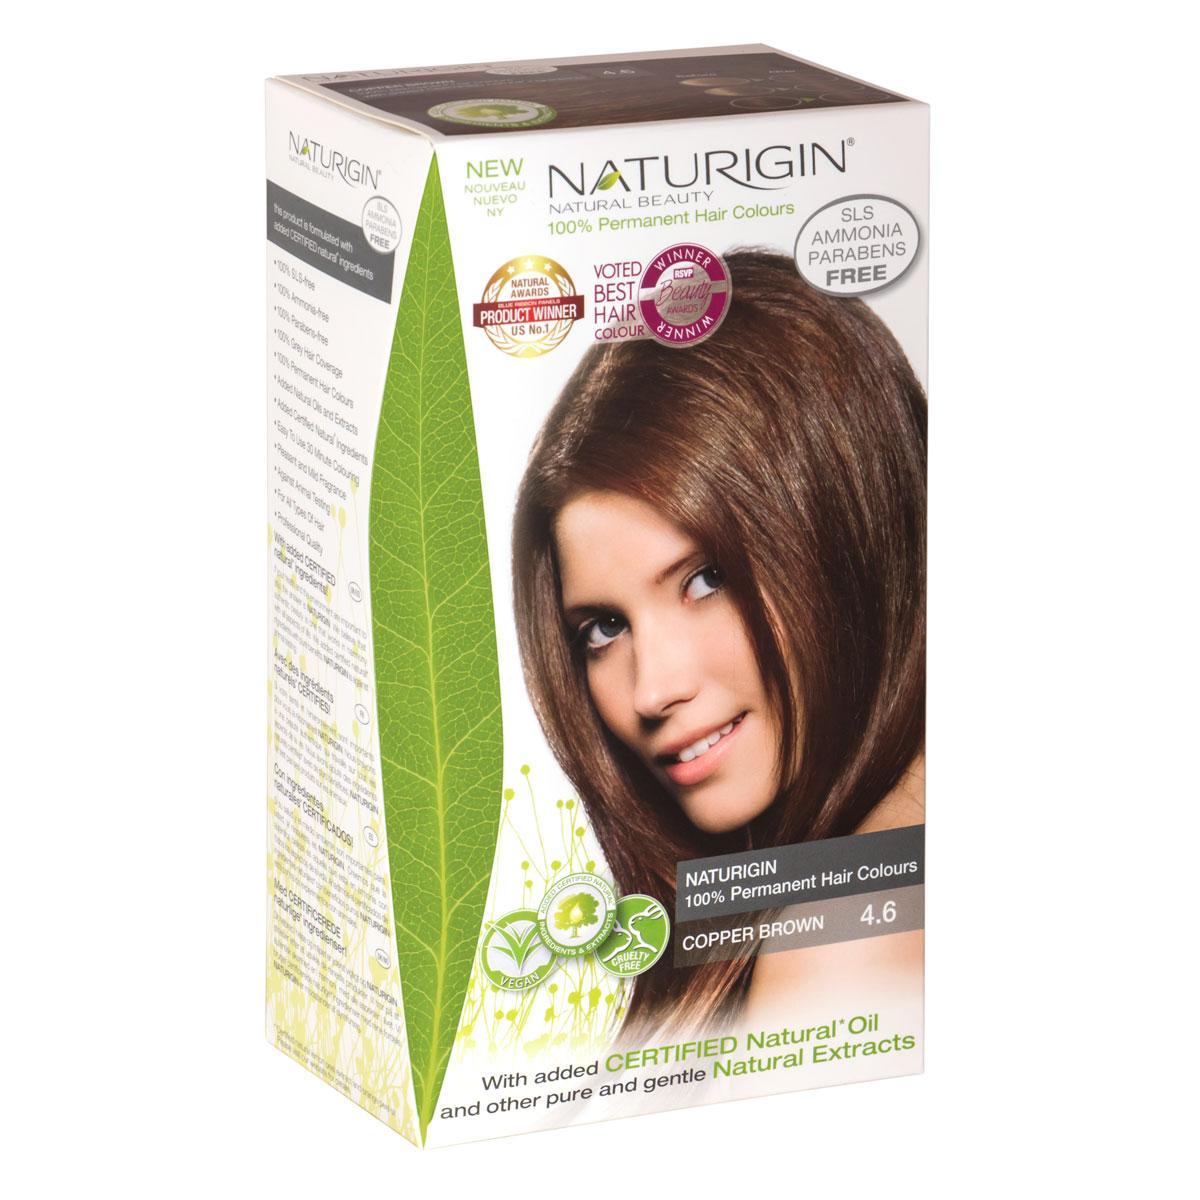 Price Naturigin 4 6 Copper Brown 100 Permanent Organic Hair Colour Naturigin Singapore